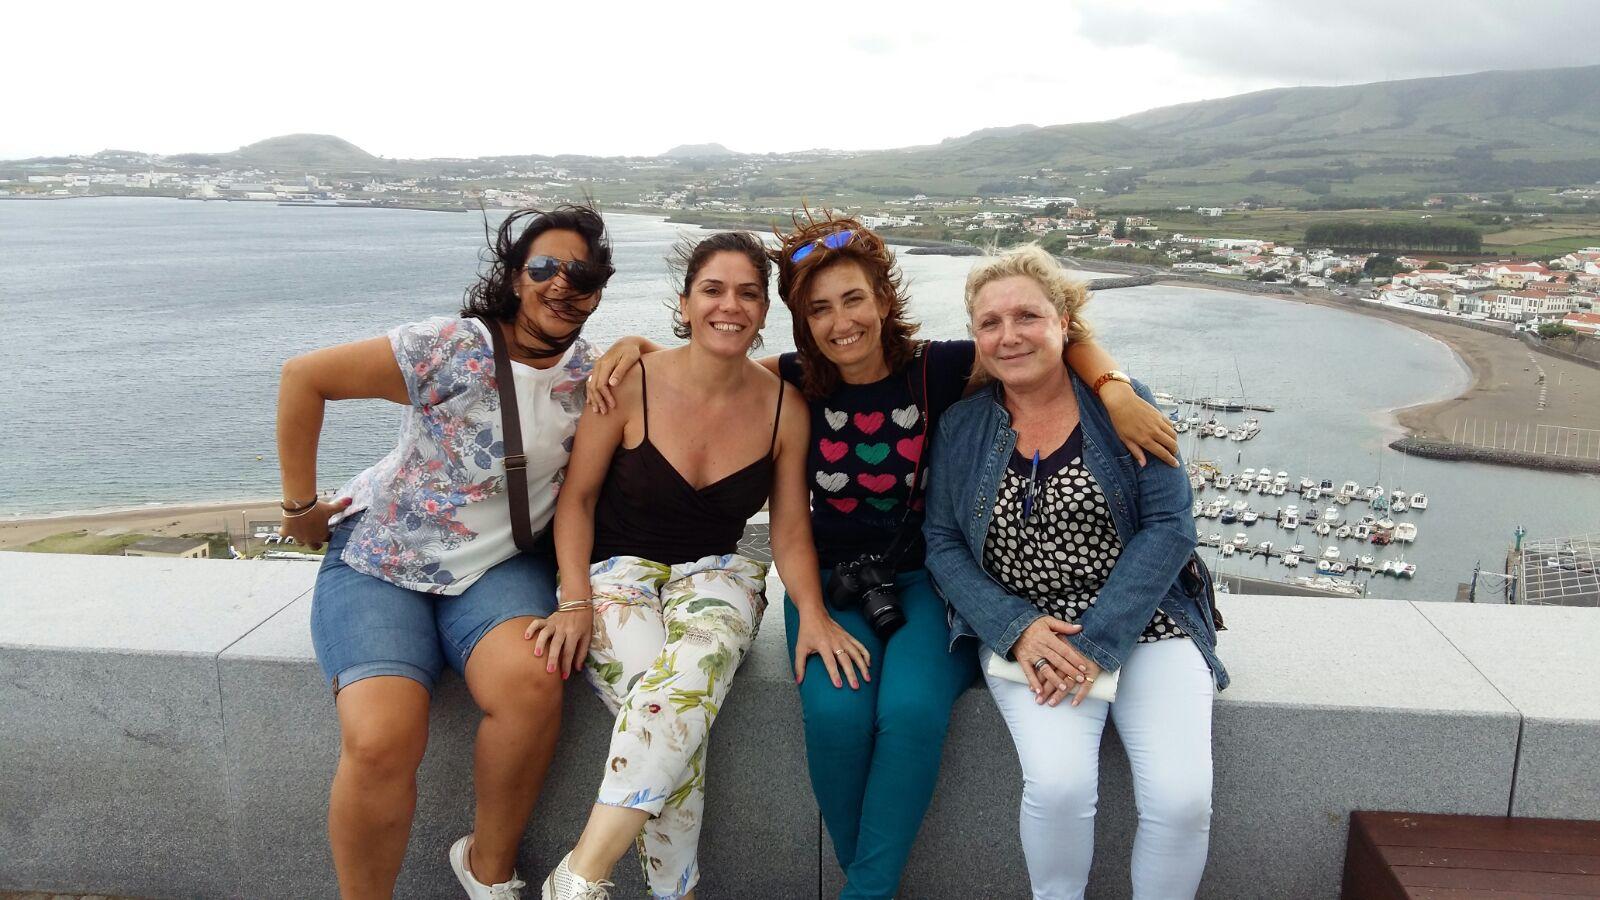 Las feminas del Fam de Dit a la isla de Terceira en Azores, con playa Da Vitoria al fondo.